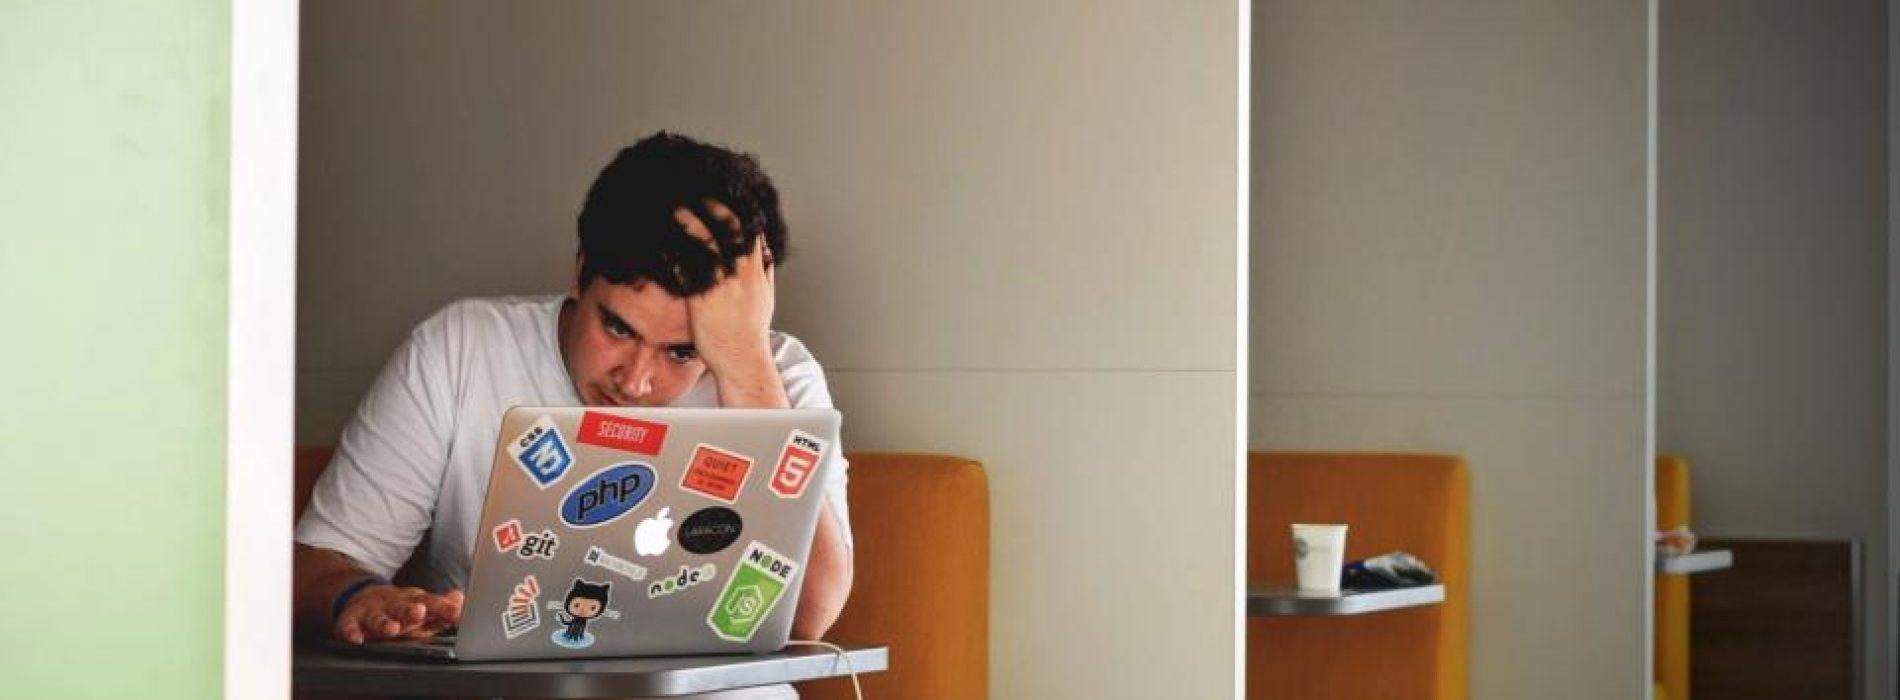 6 признака, че имате нужда от нова работа (дори да не си го признавате)